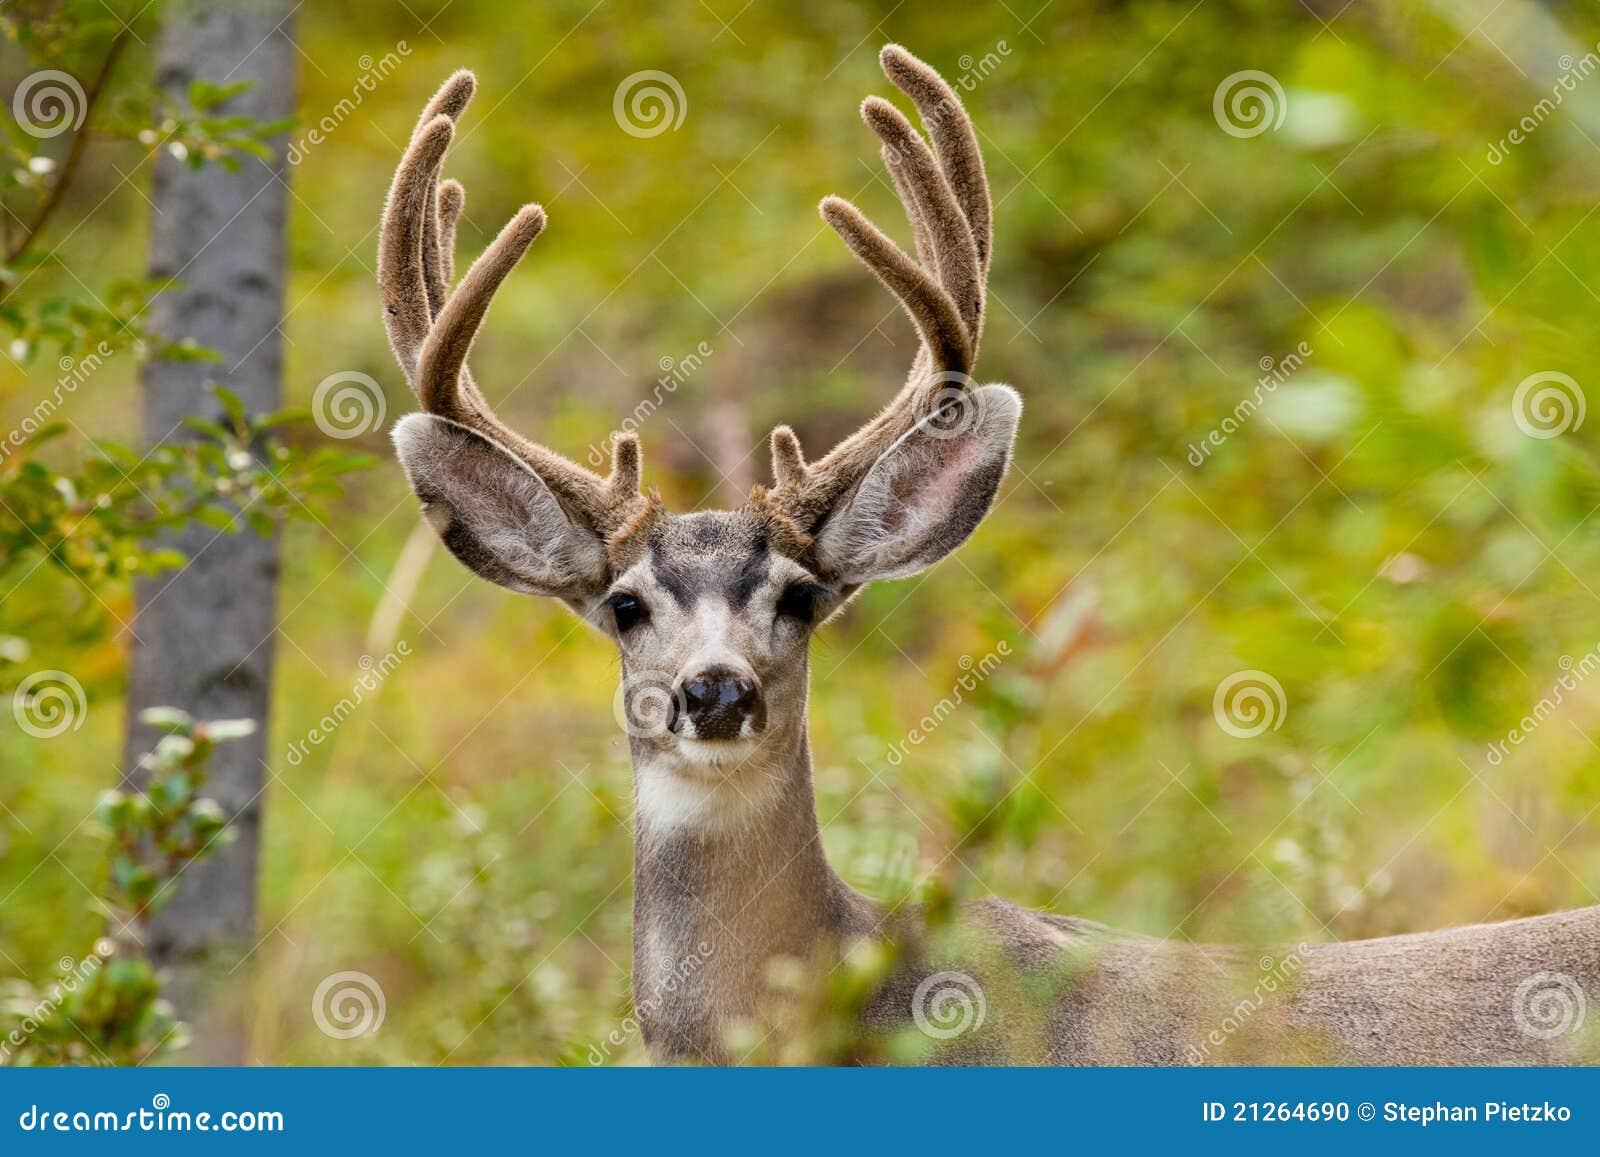 Portrait der Maultierrotwild sträuben sich mit dem Samtgeweih